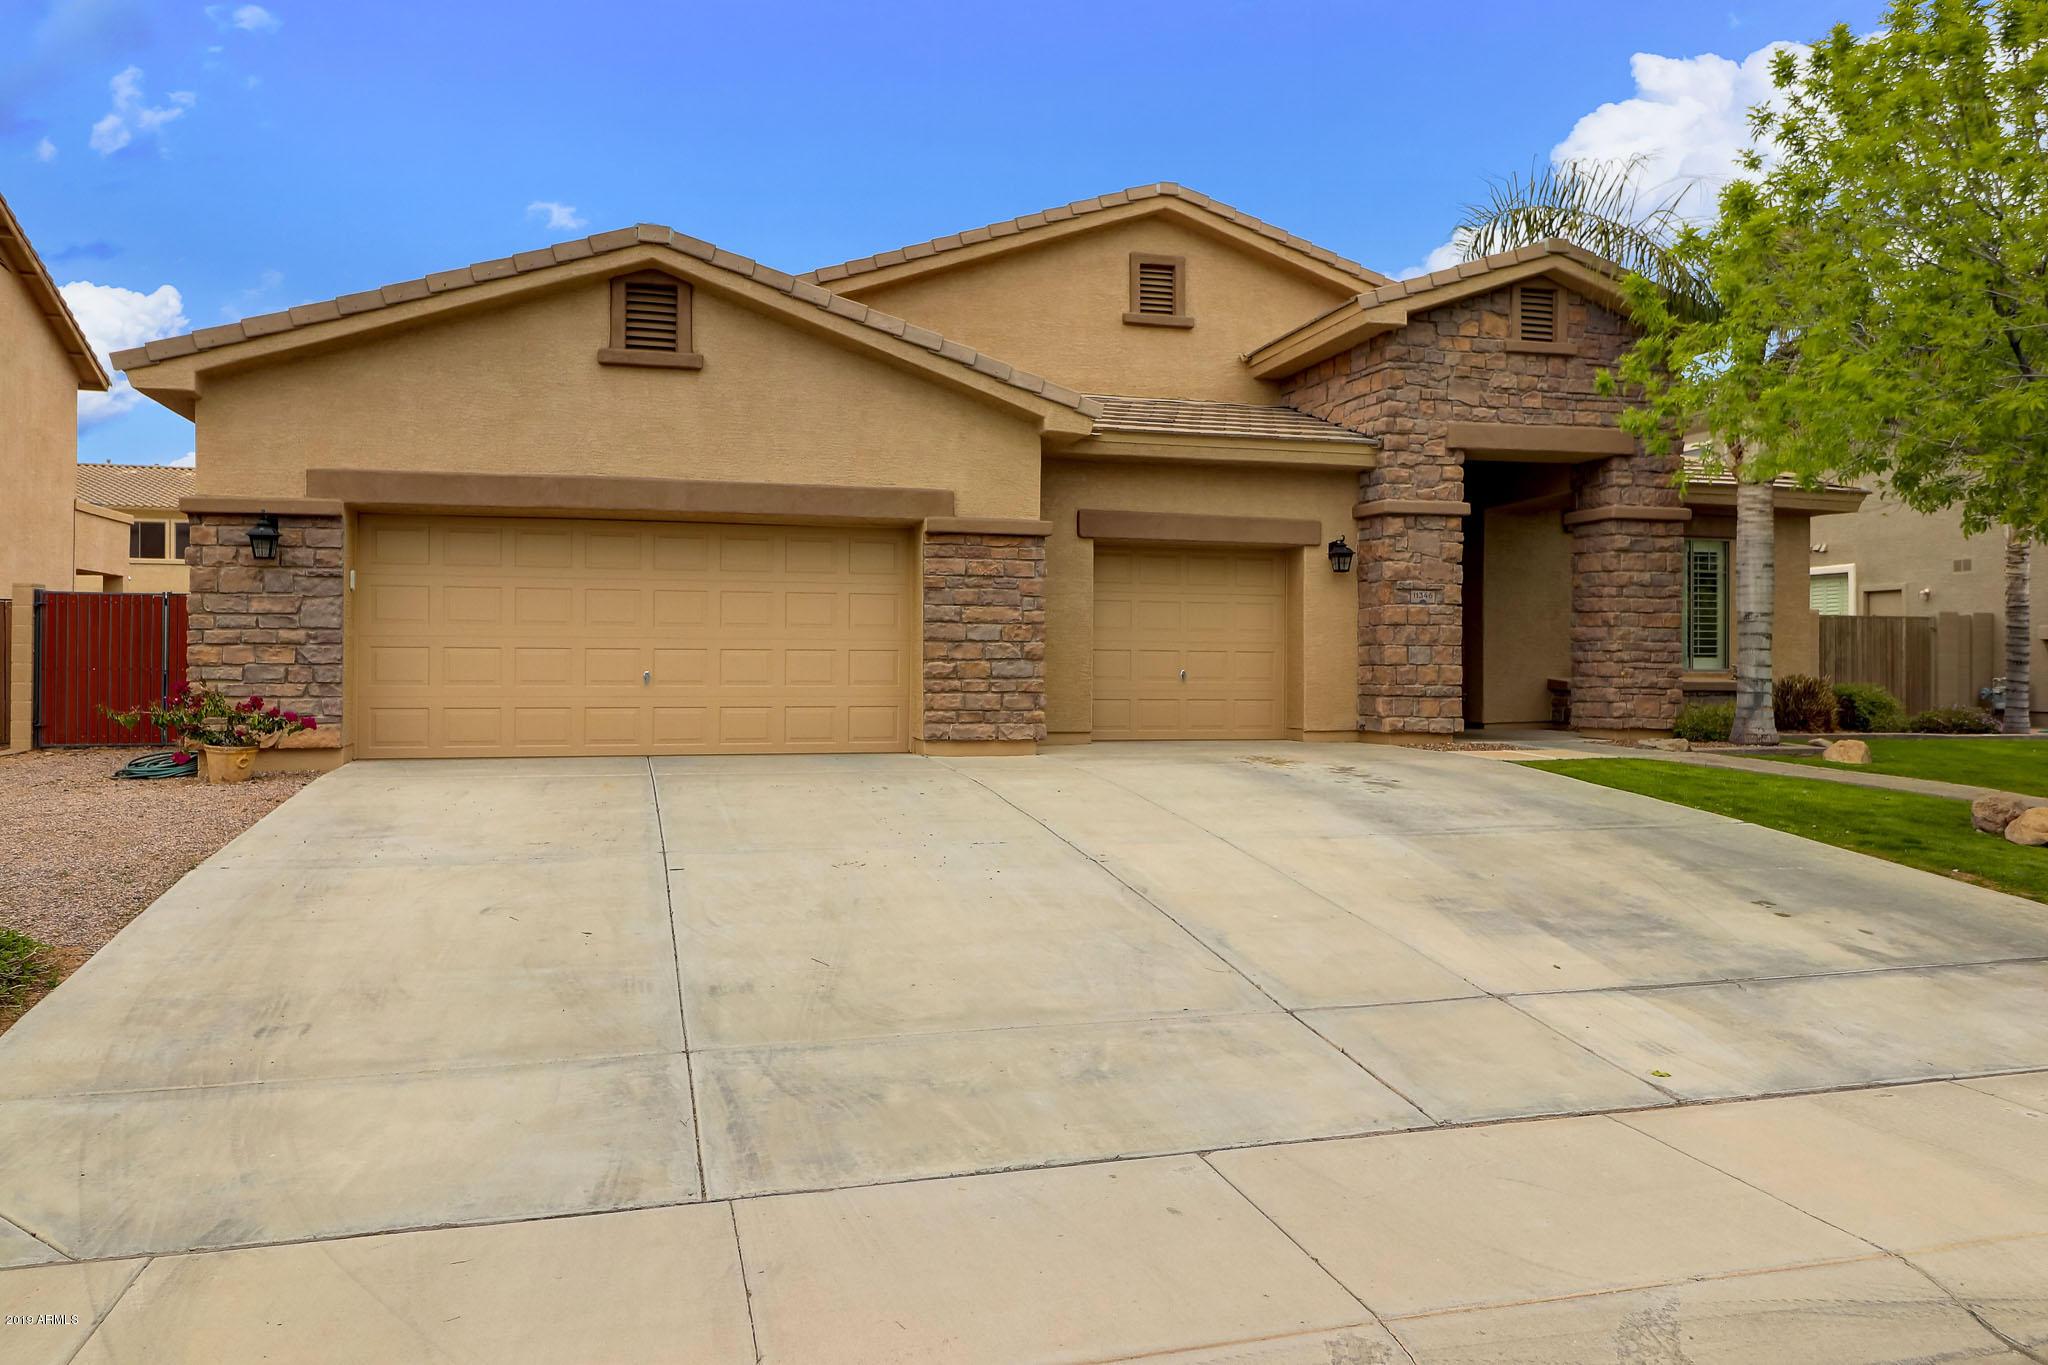 Photo of 11346 E STANTON Avenue, Mesa, AZ 85212